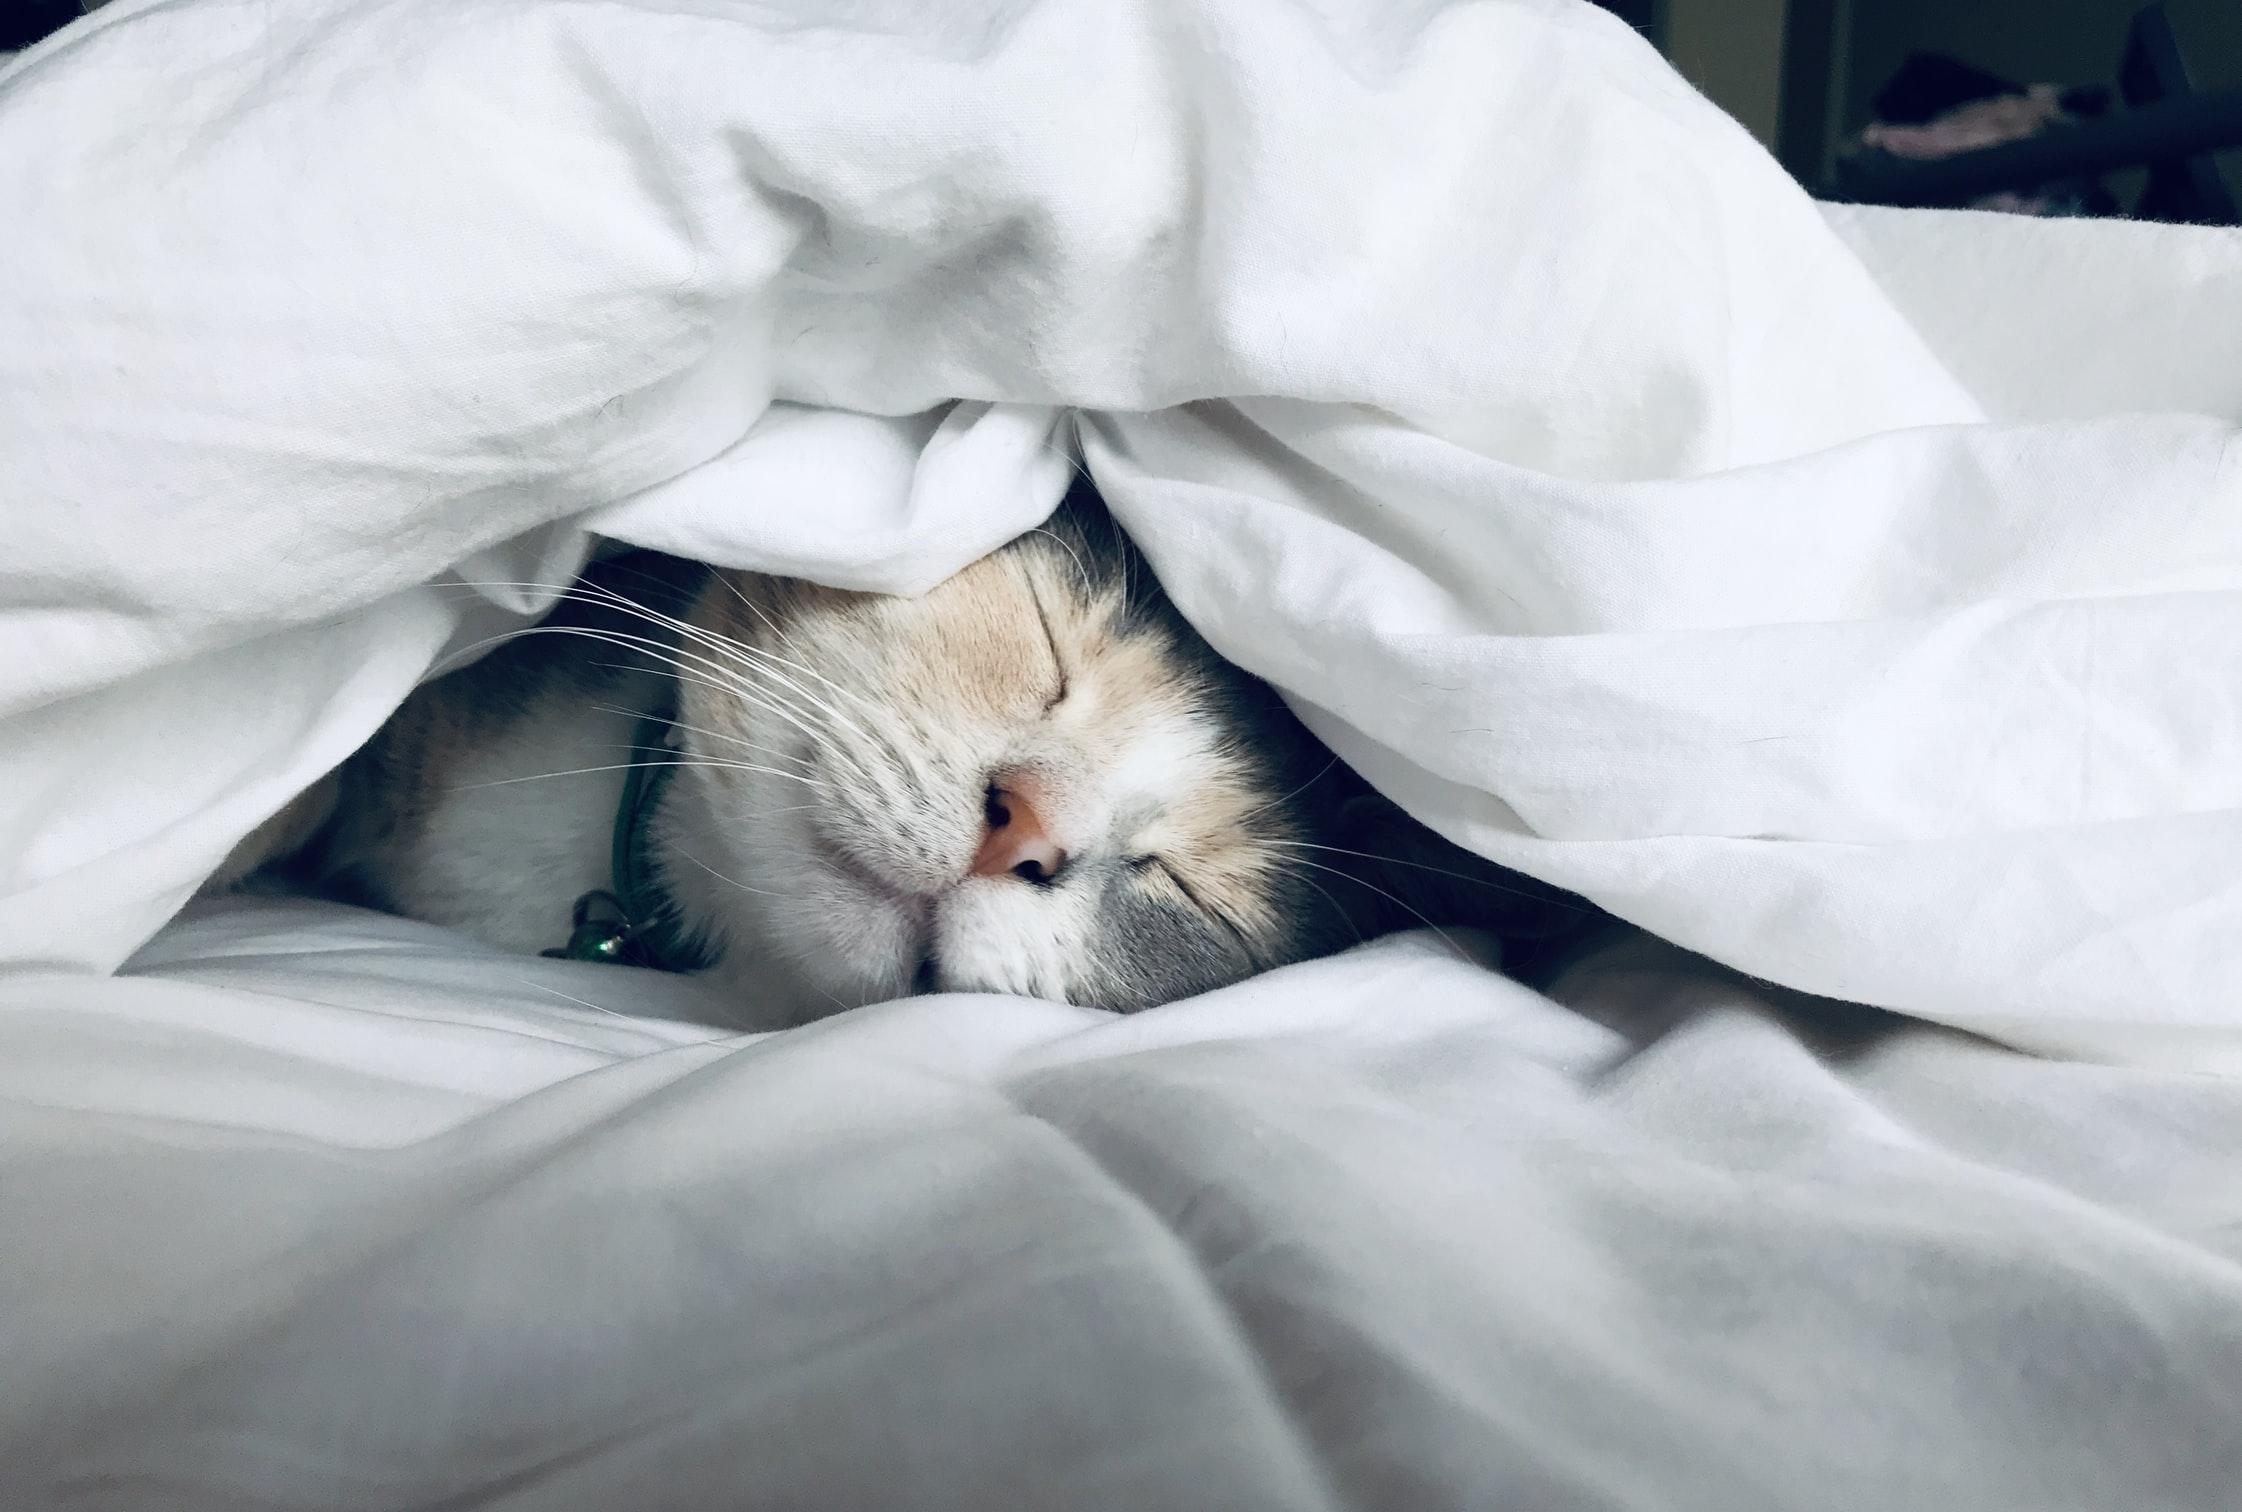 ガチで筋トレしてる連中に不眠症いない説